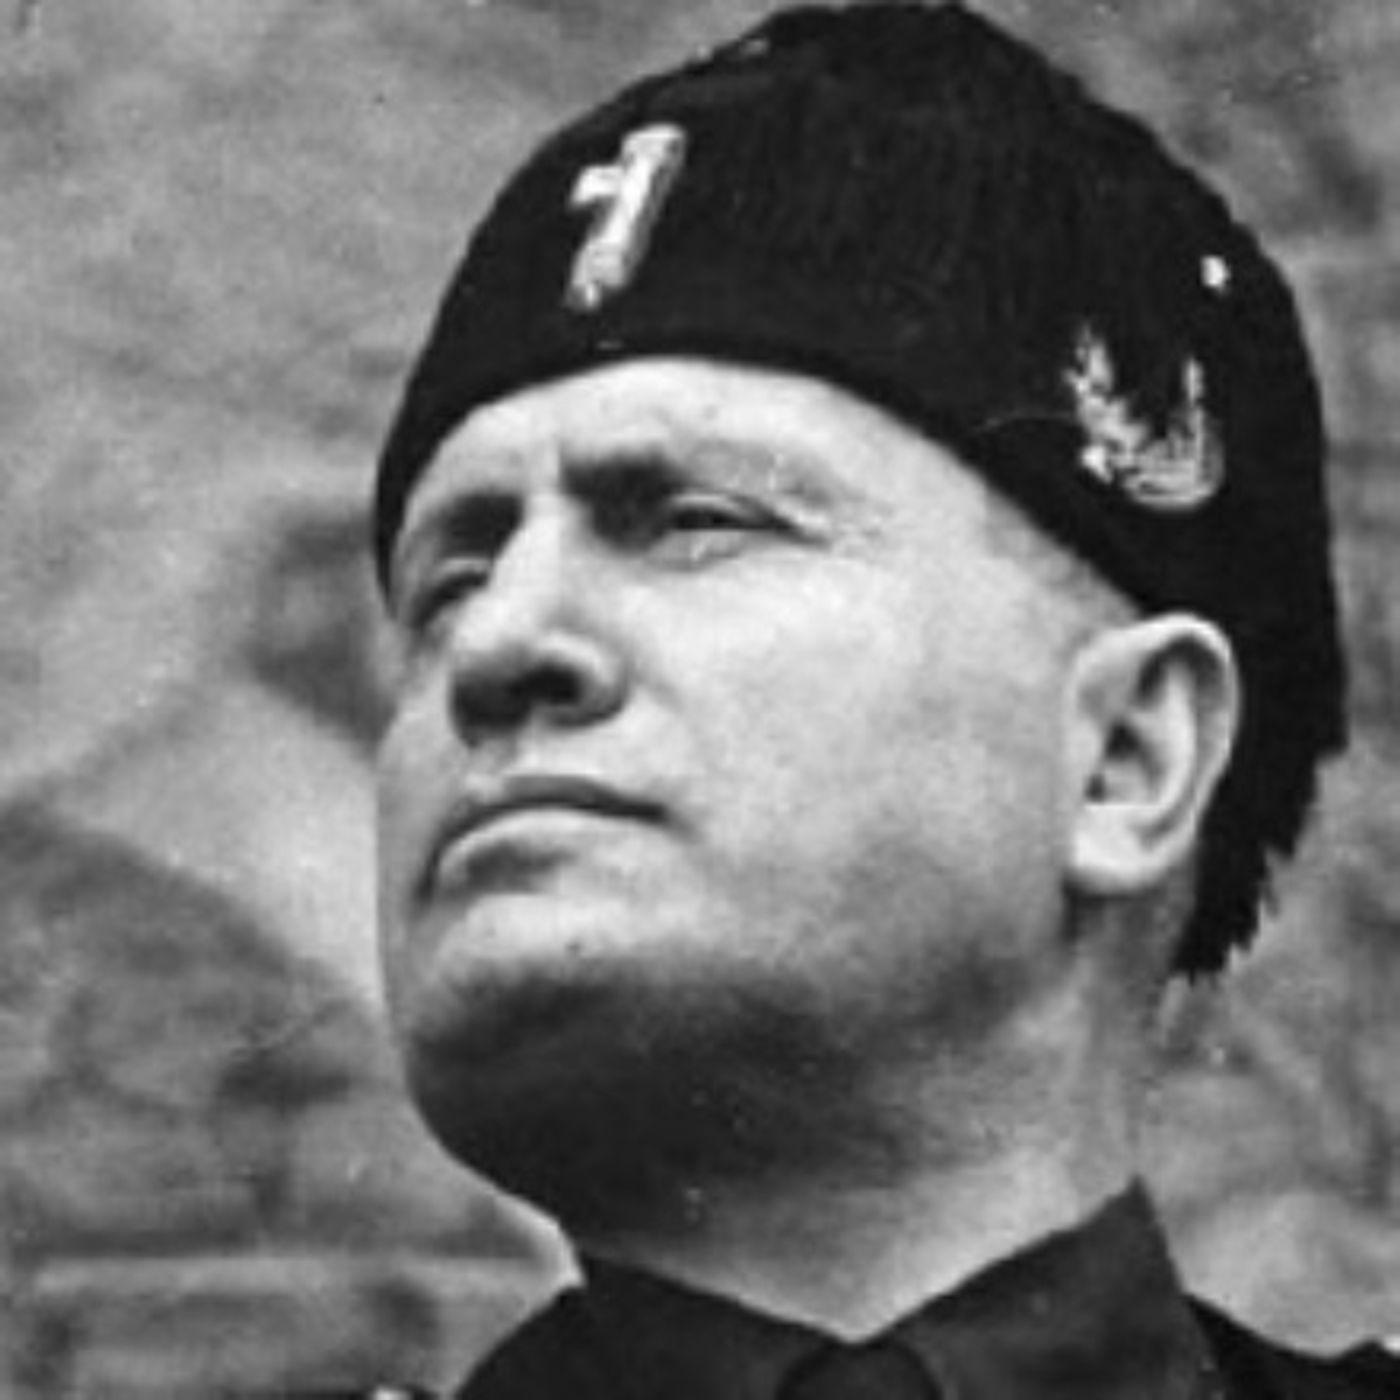 Mussolini ateo e socialista (come Hitler e il nazional-socialismo, detto nazismo)